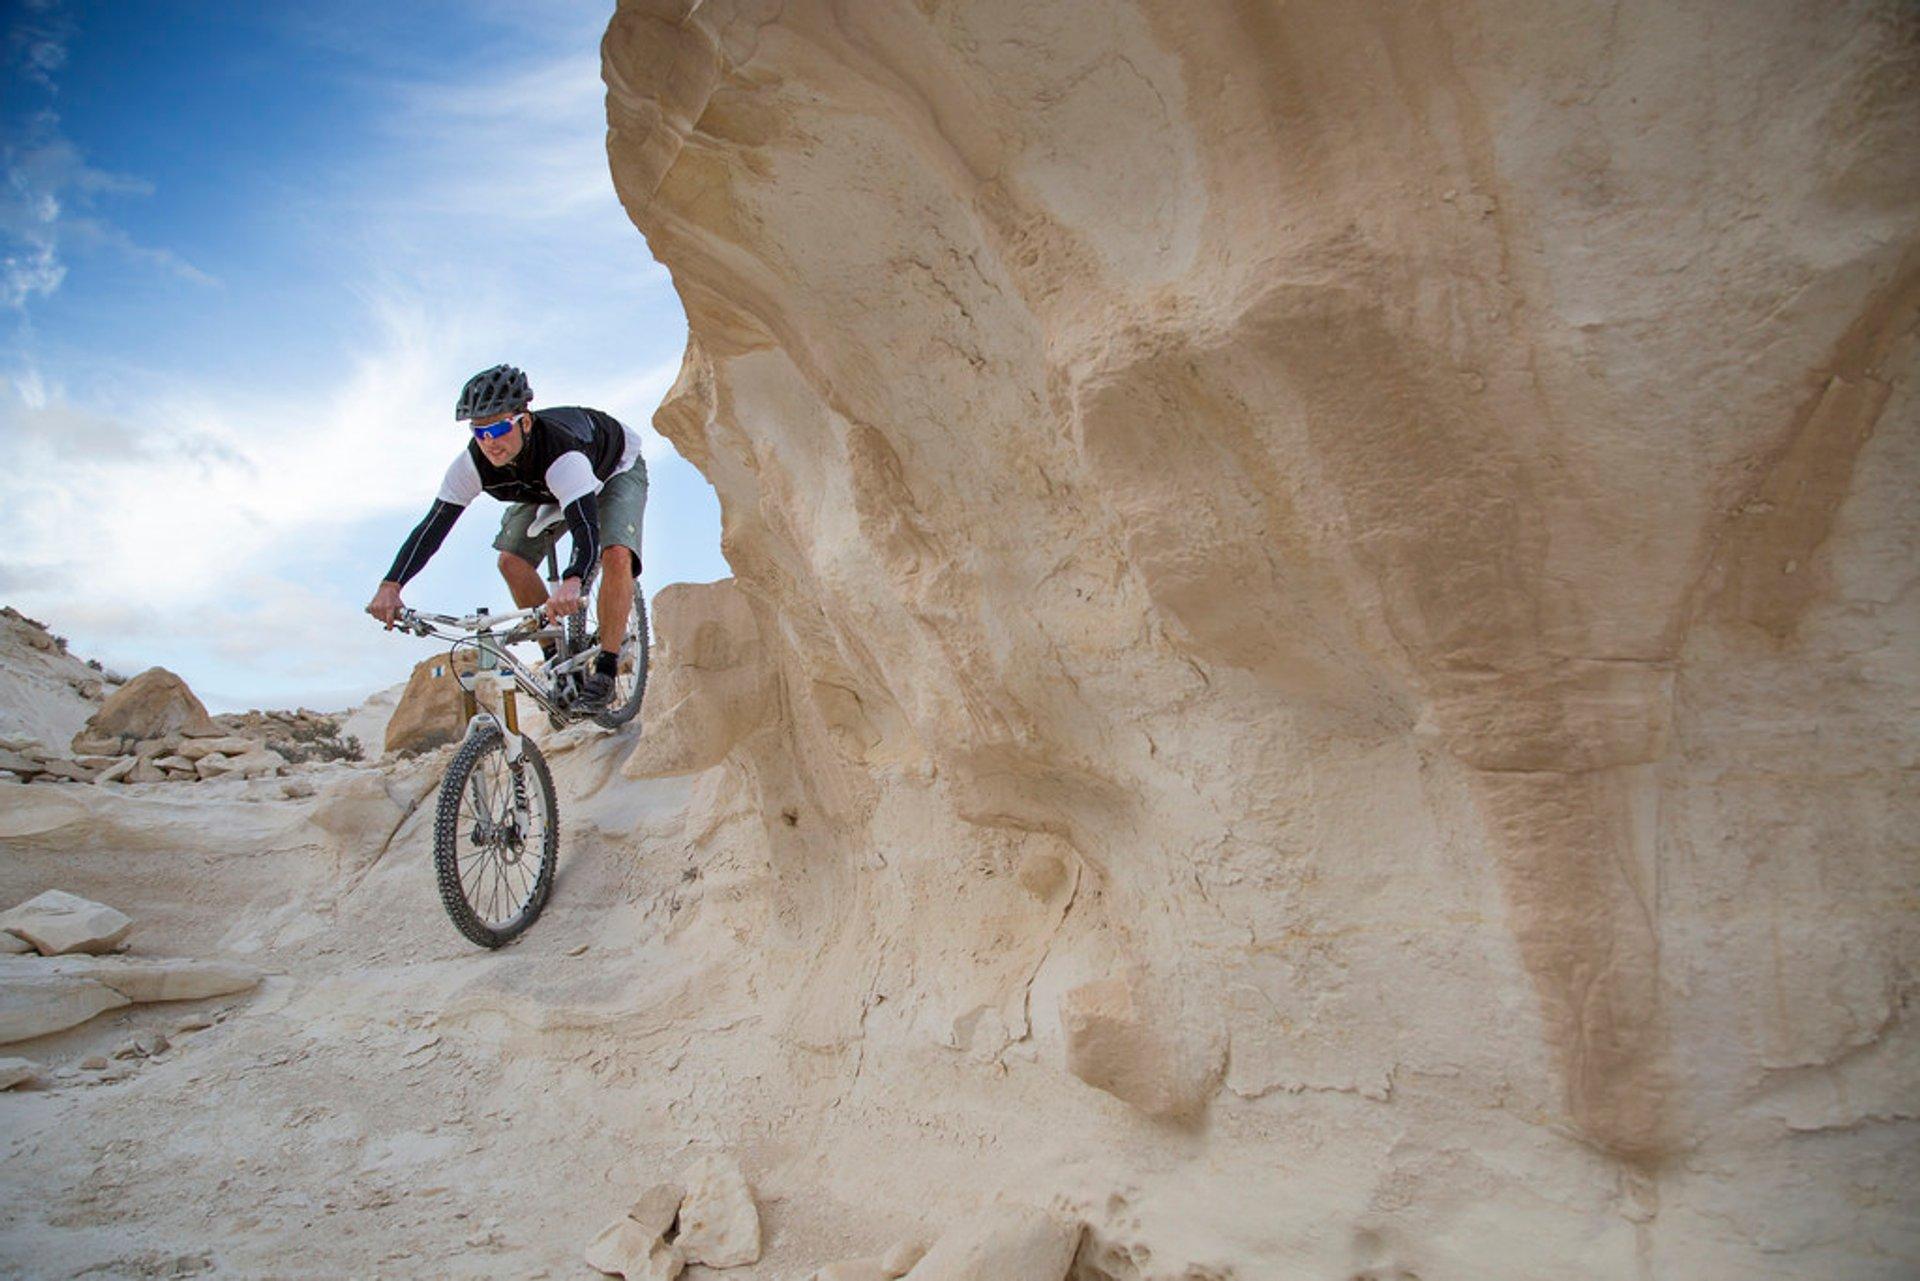 Best time for Biking the Desert in Israel 2019